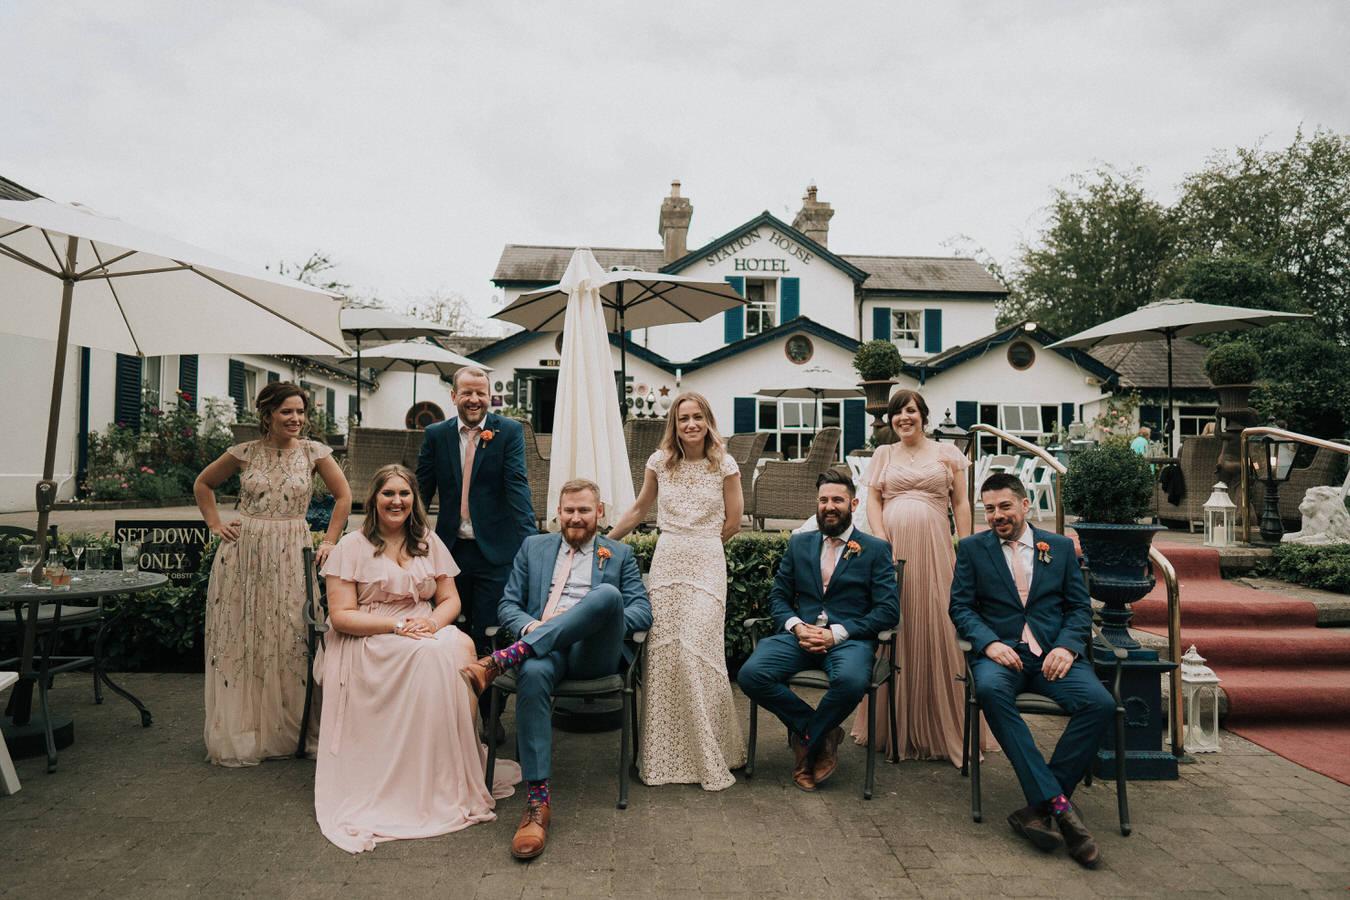 The-Station-House-wedding-Dublin-photographer- 0153 150